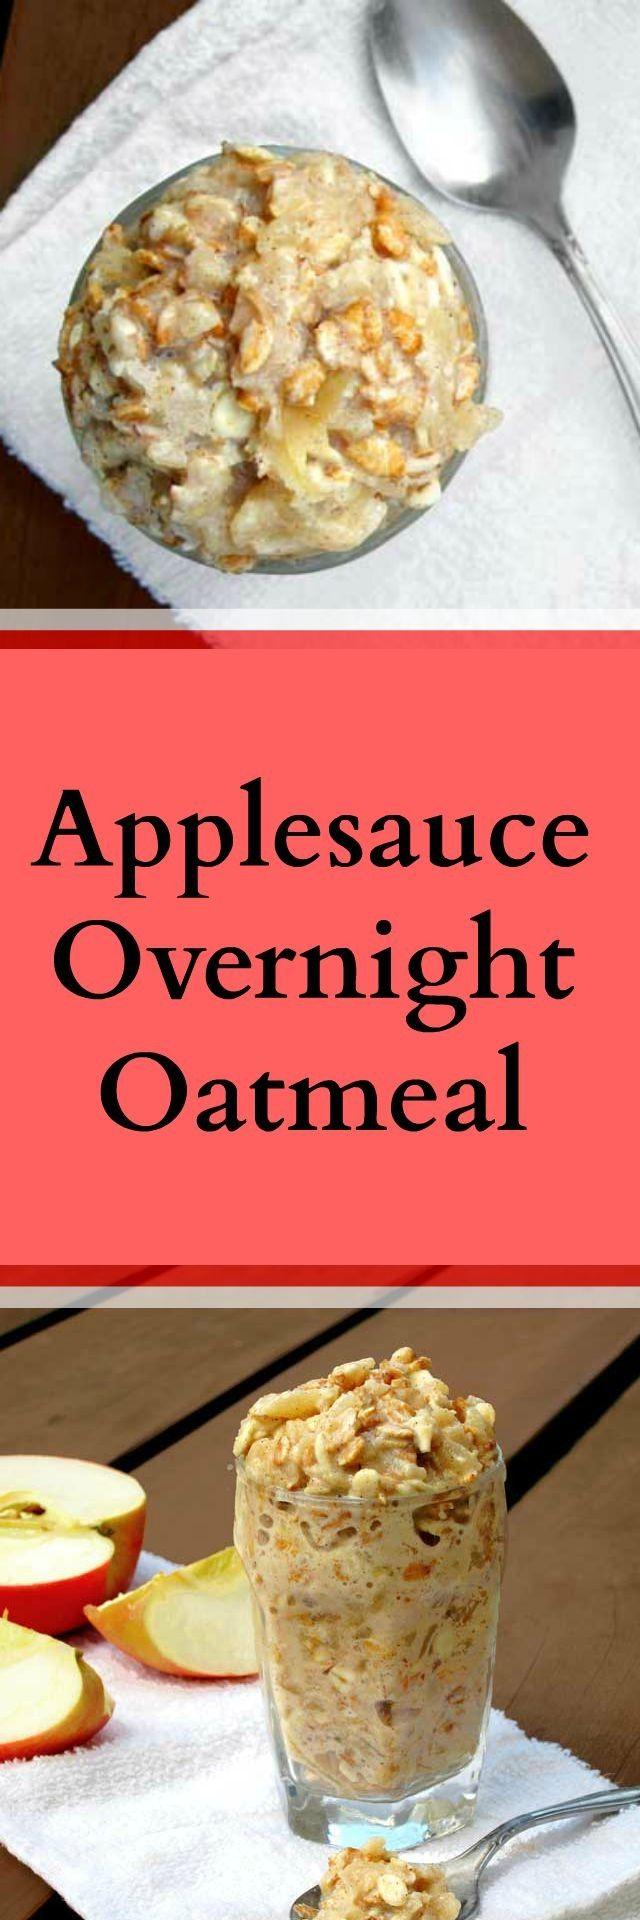 Applesauce Overnight Oatmeal Recipe Overnight Oatmeal Recipes Breakfast Recipes